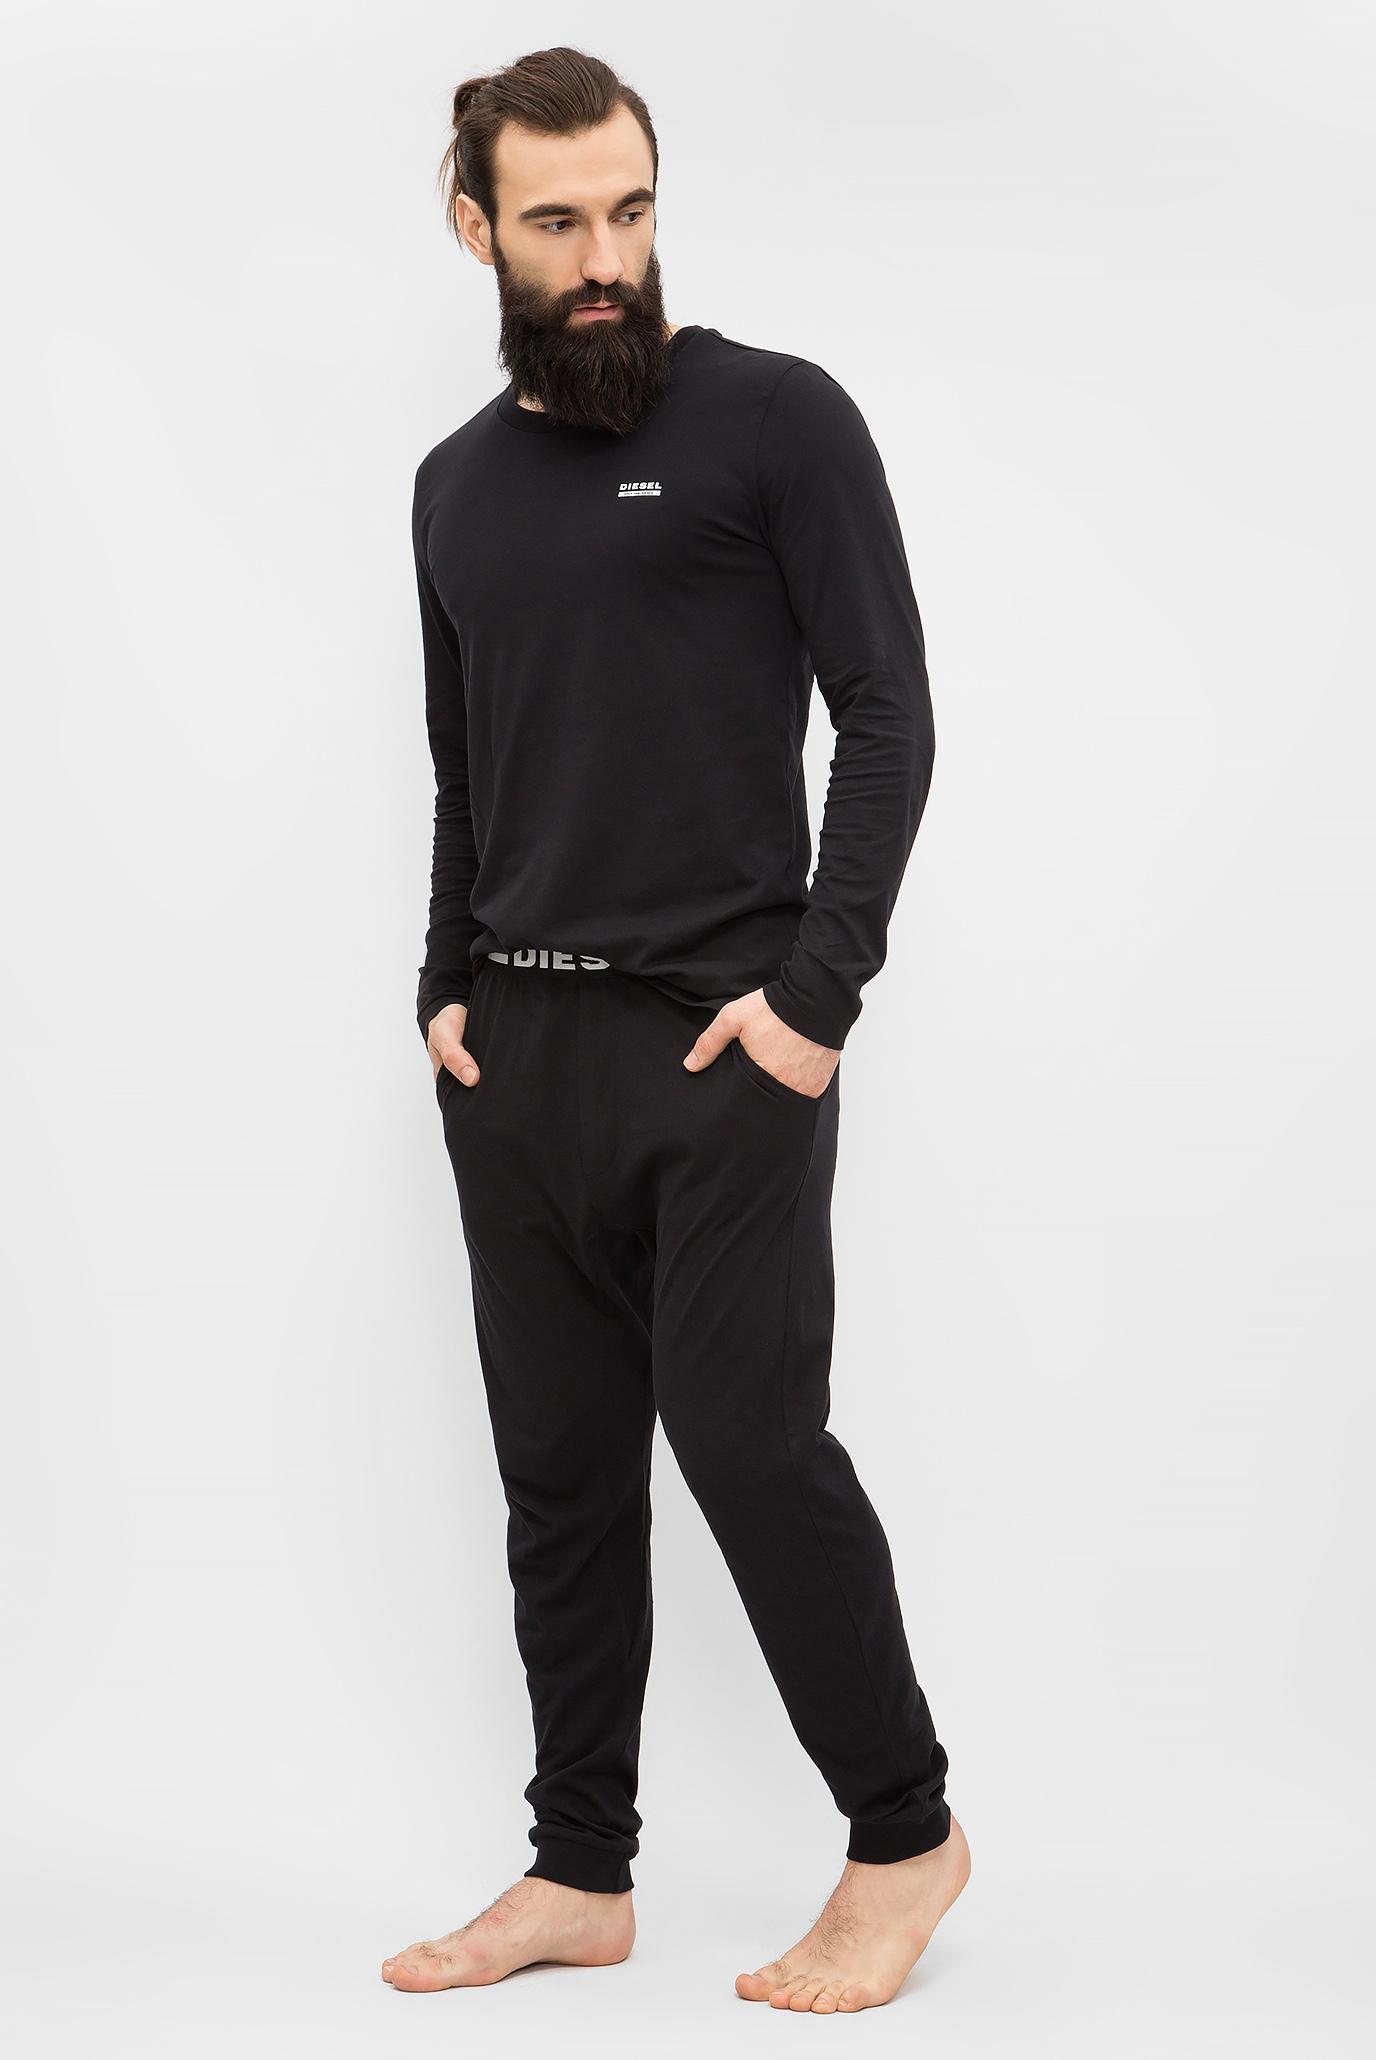 dc029d5010350 Купить Мужская черная пижама (лонгслив, брюки) Diesel Diesel 00S9ND 0CALD –  Киев, Украина. Цены в интернет магазине ...